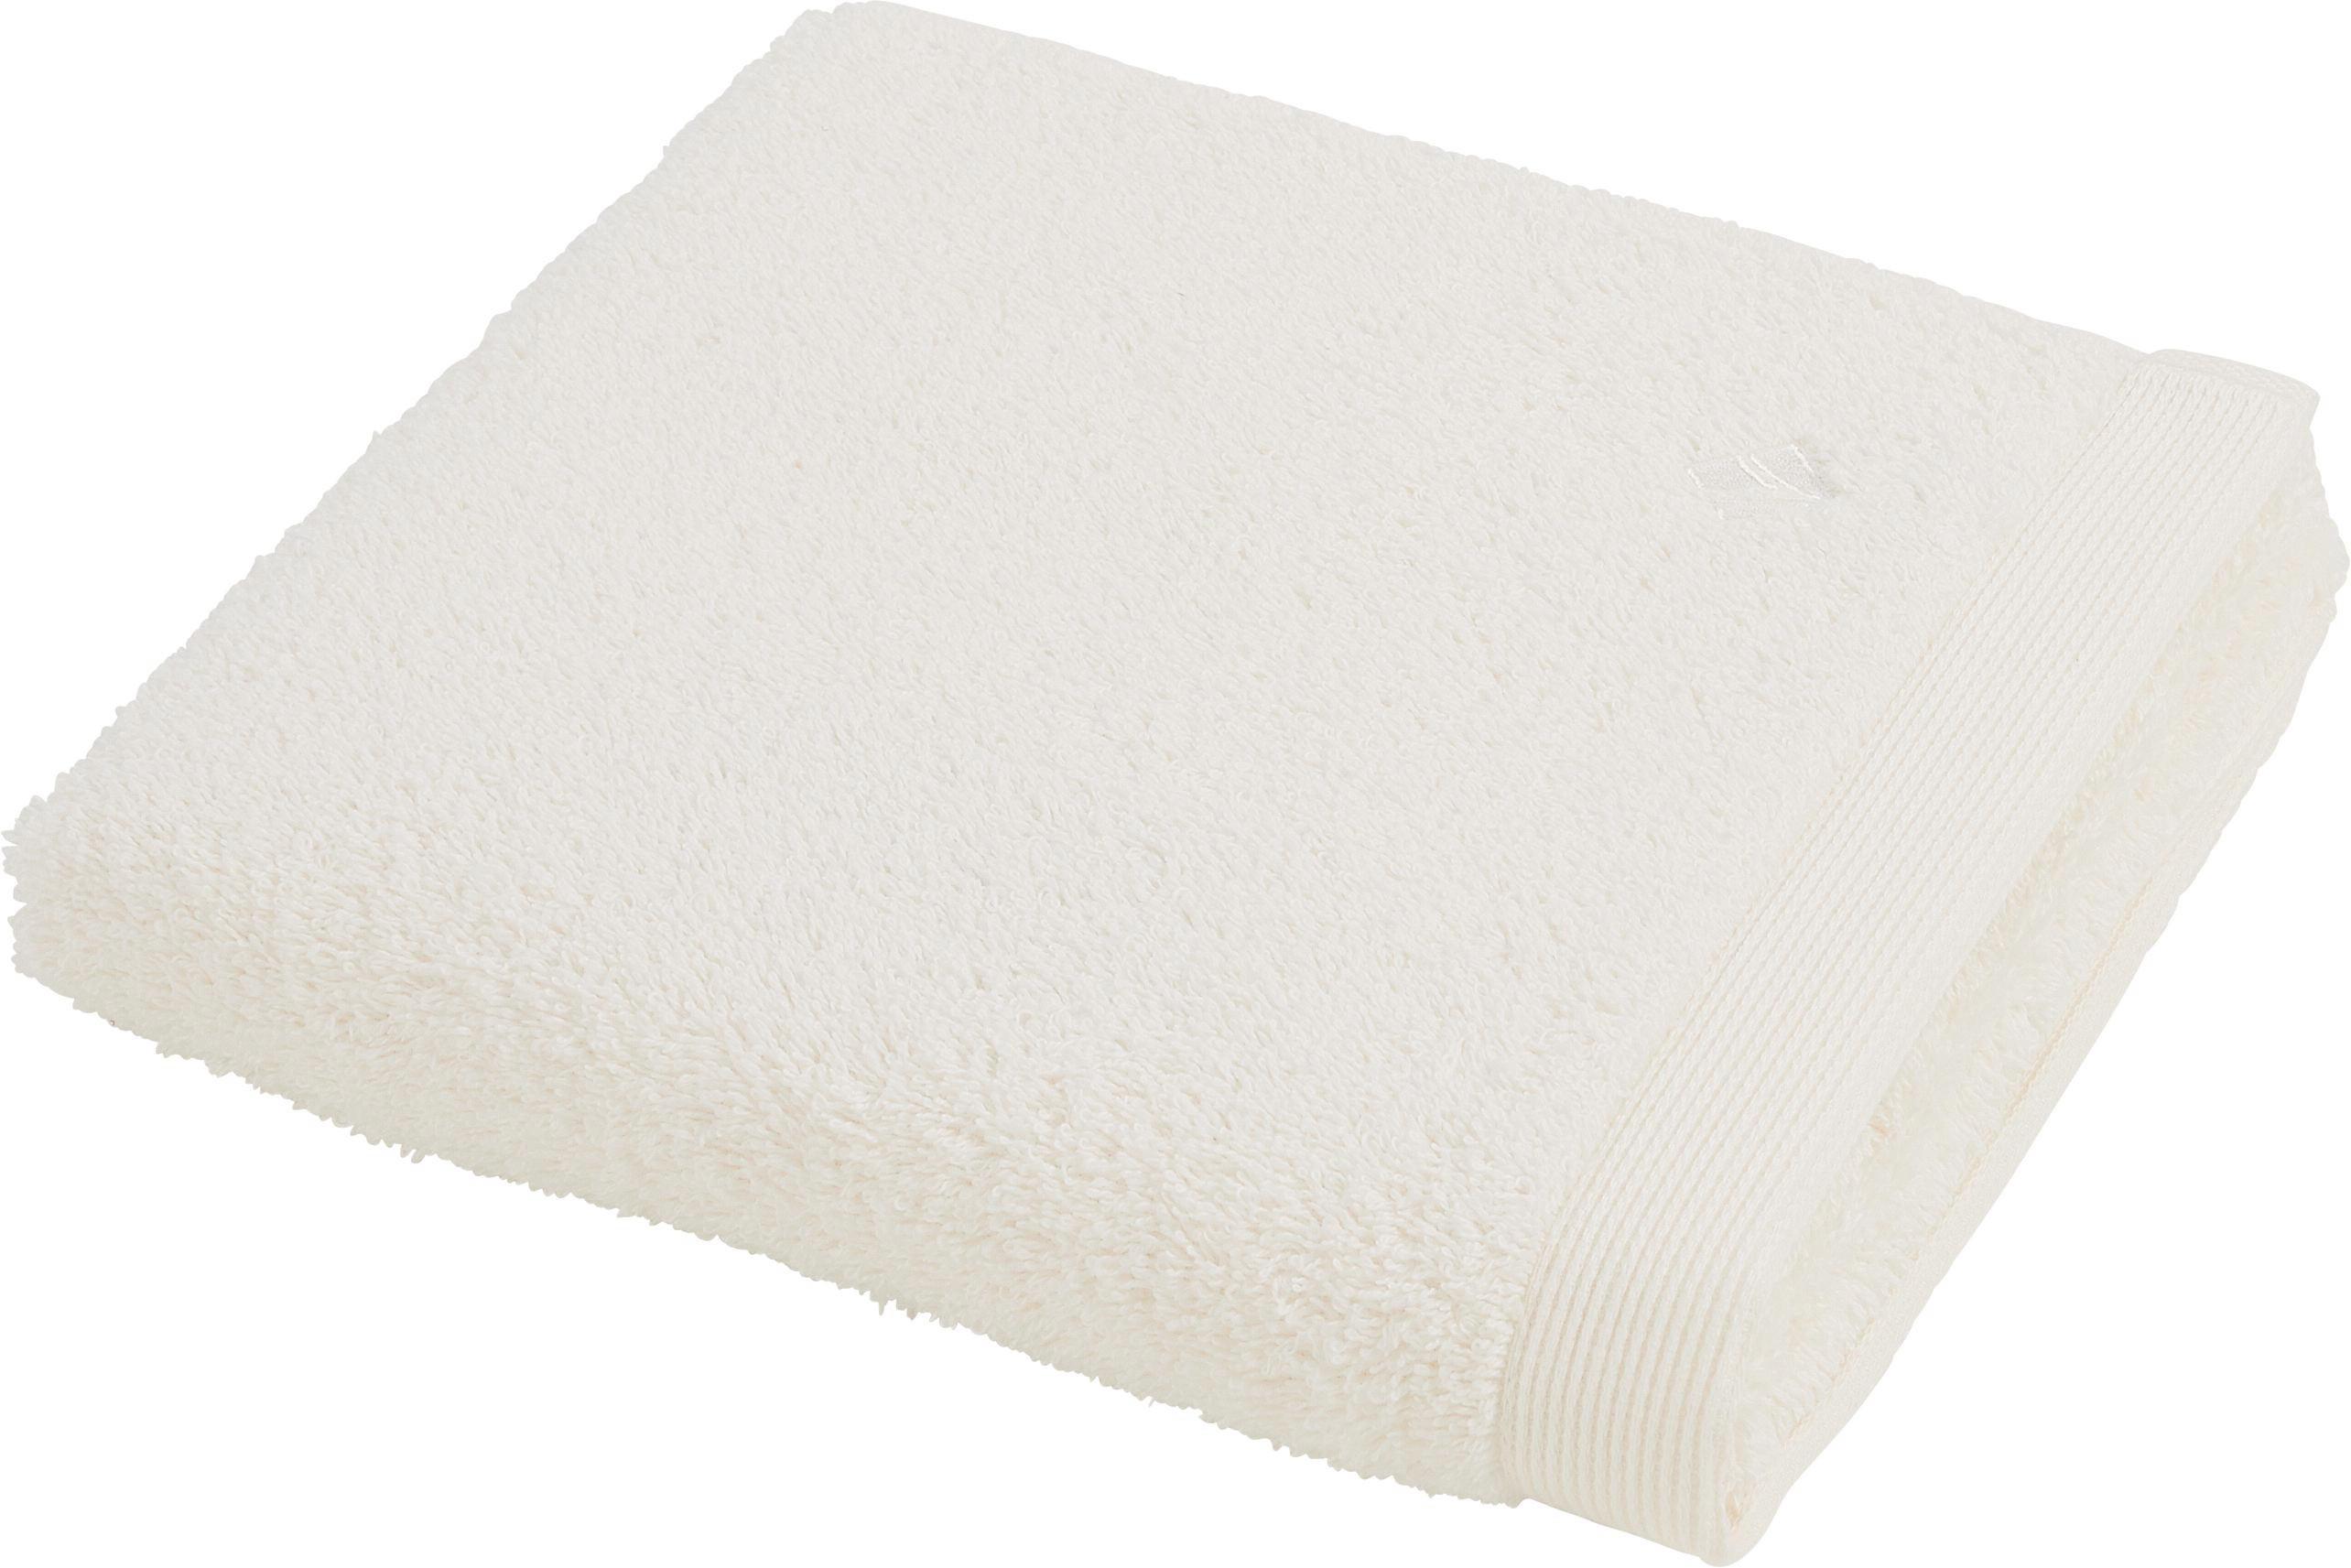 BRISAČA HIGH LINE, 50/100 - bež, Konvencionalno, tekstil (50/100cm) - VOSSEN